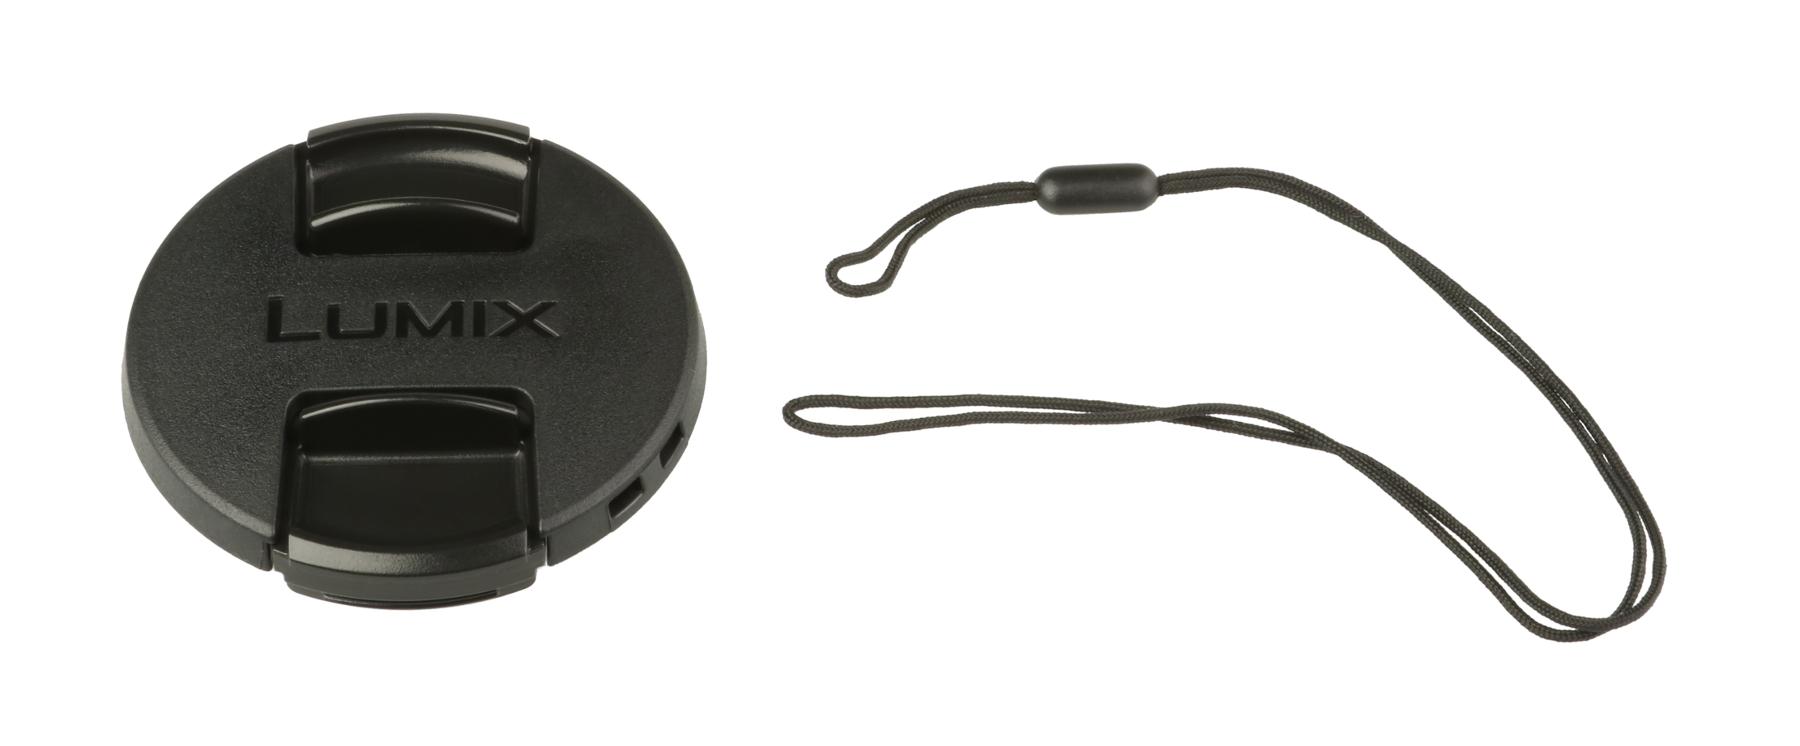 Lens Cap for Lumix DMC-FZ40, DMC-FZ47, and DMC-FX60